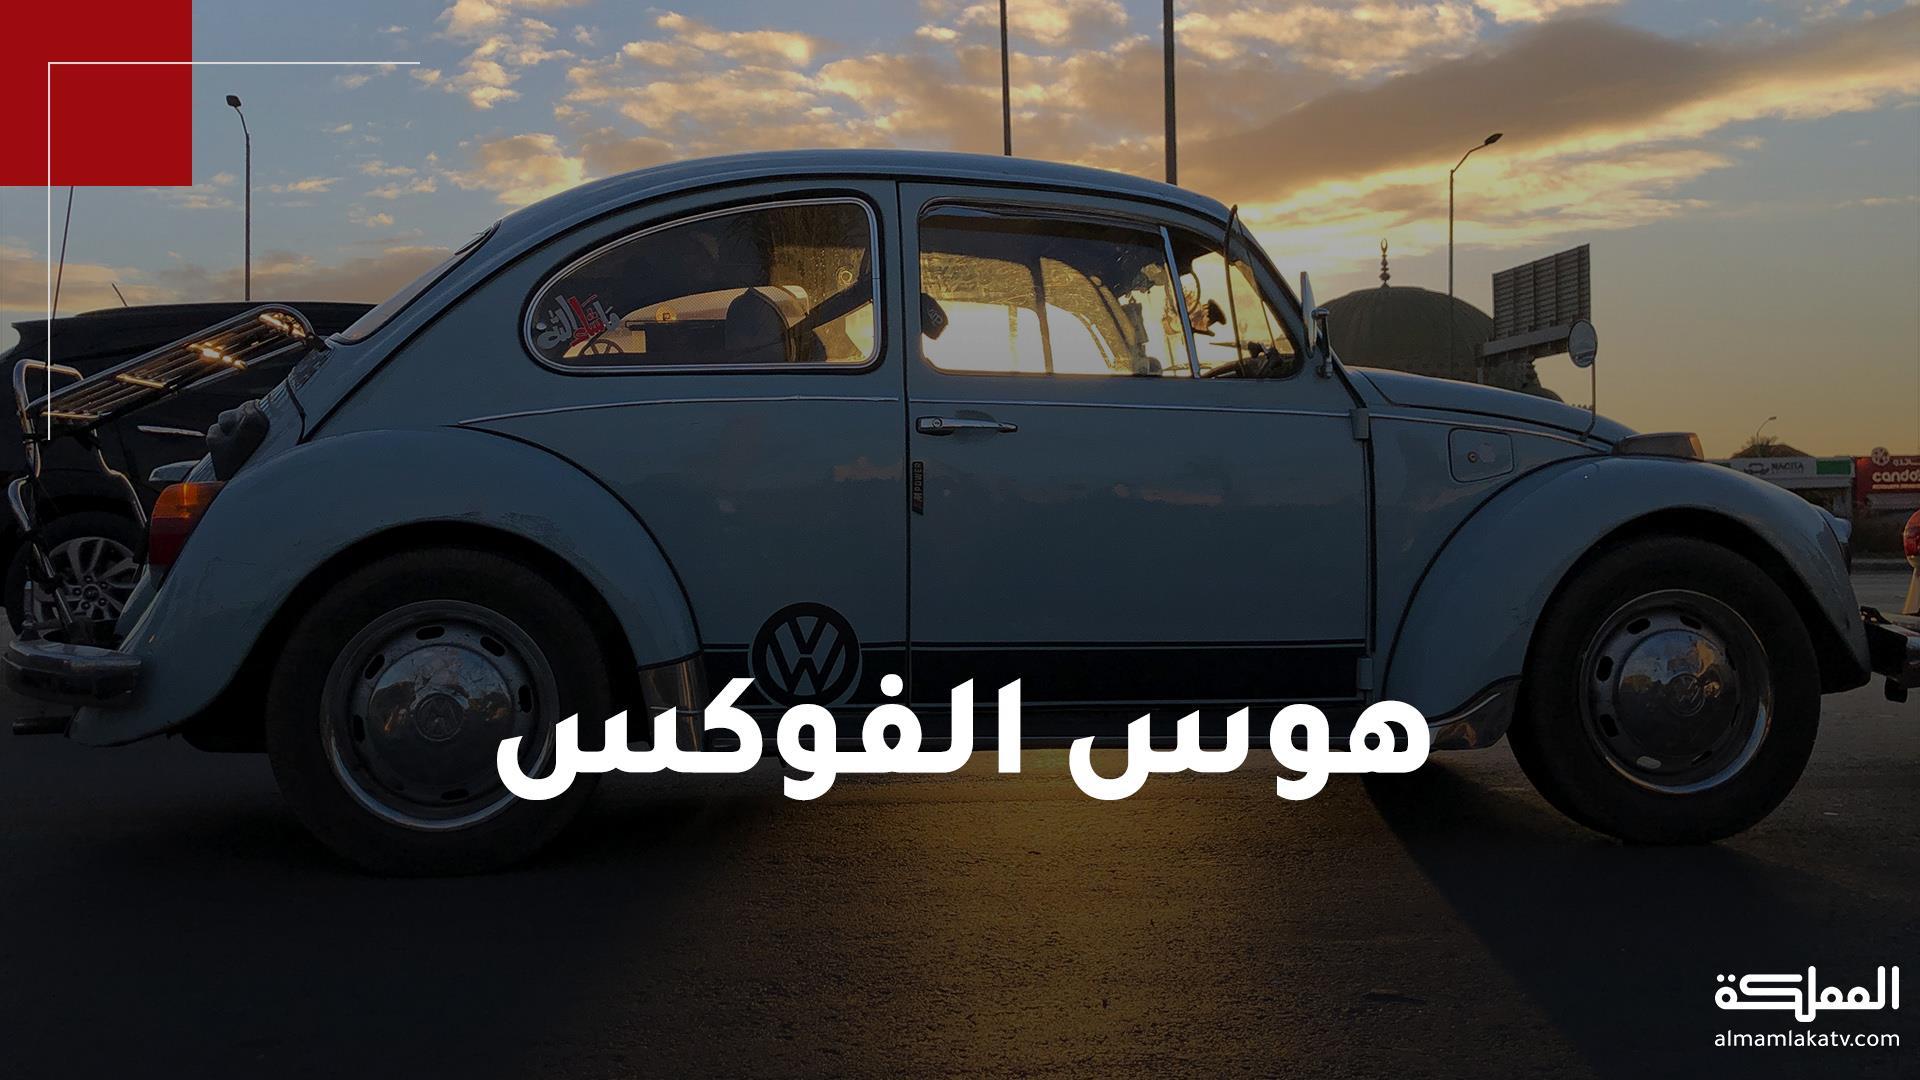 """رغم قدم طرازها وبساطته.. لا تزال سيارة """"الخنفساء"""" تُلهم الكثيرين حول العالم"""